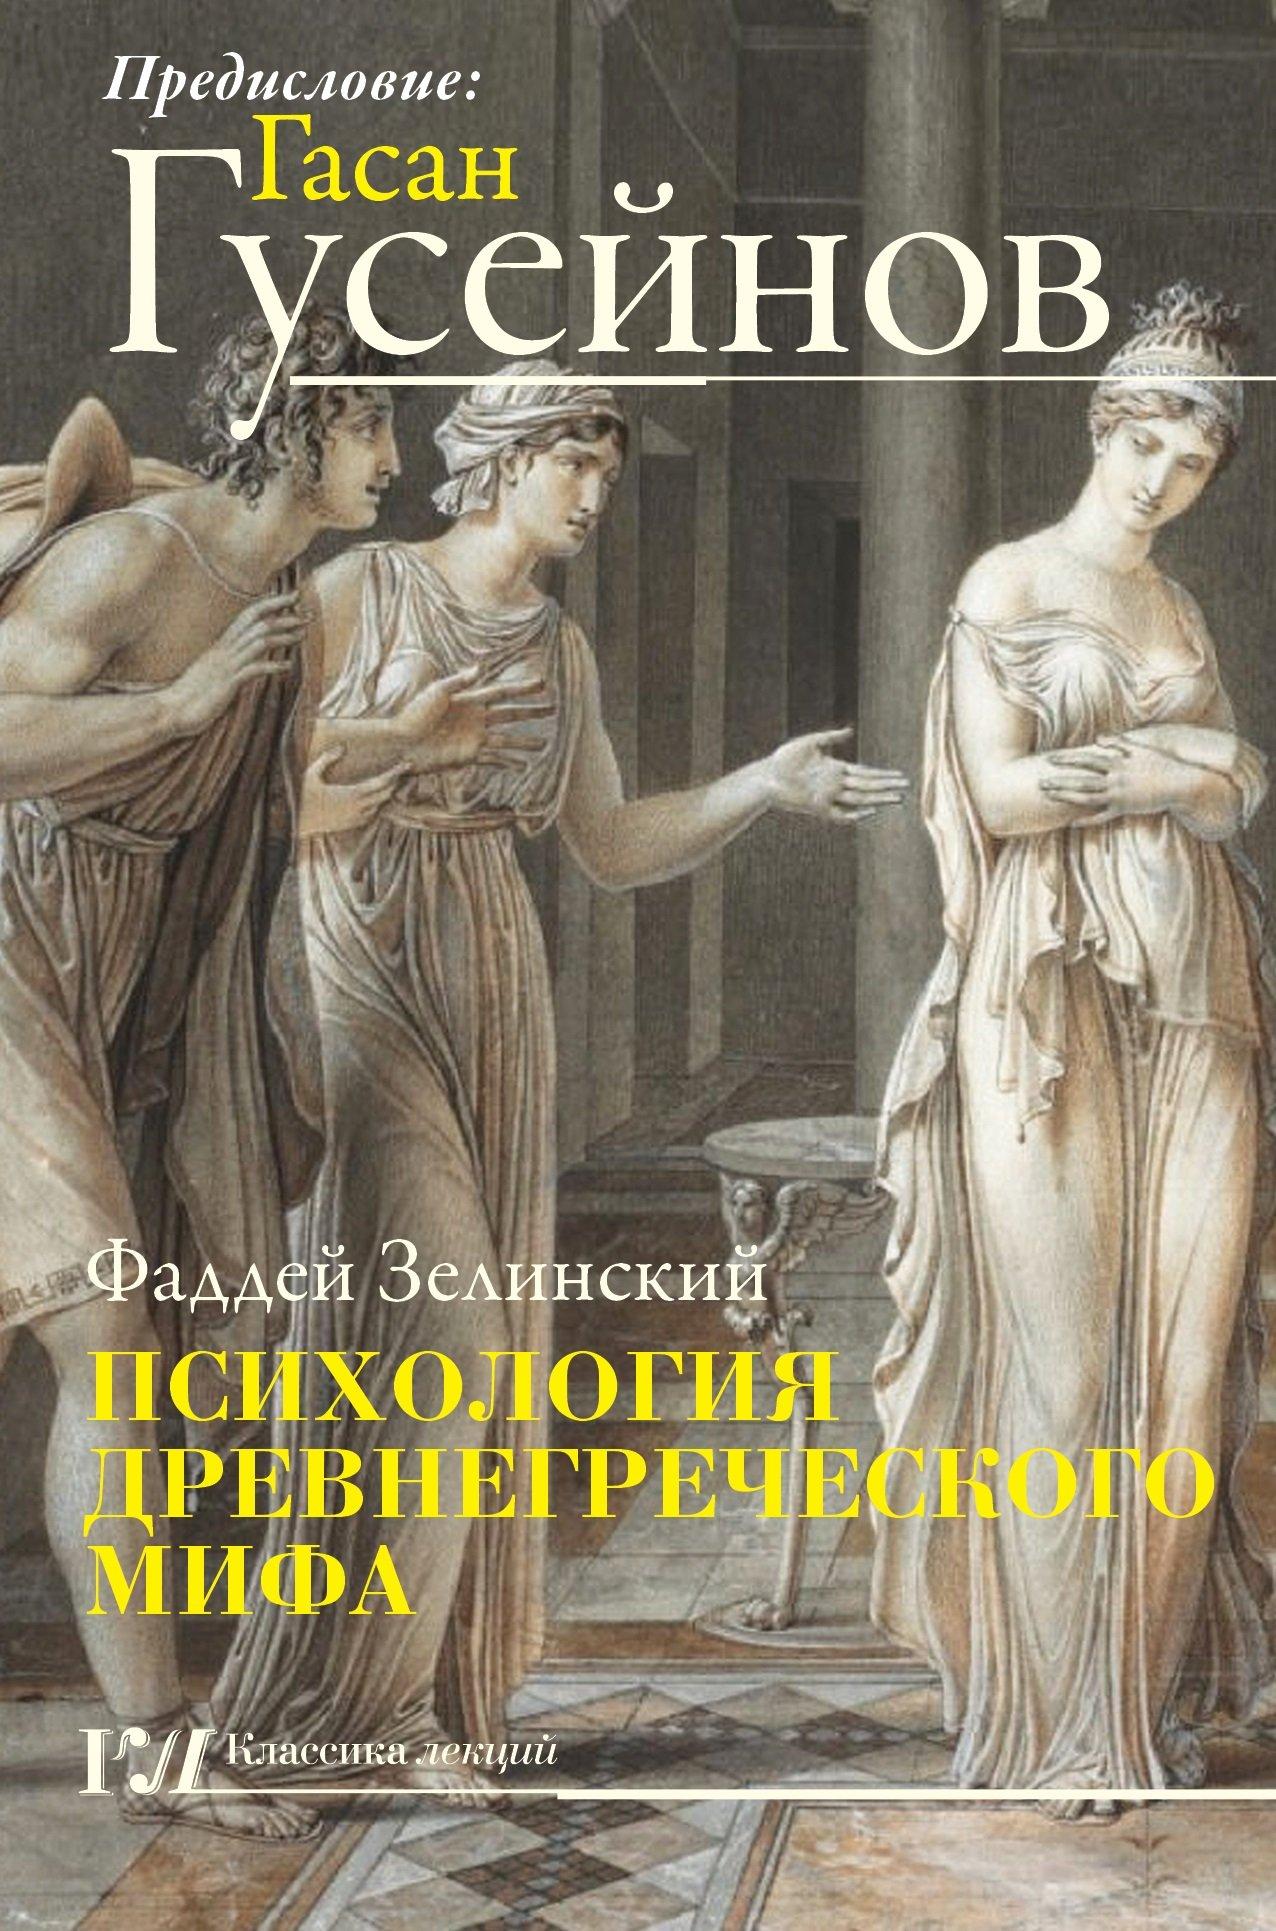 Гусейнов Гасан Психология древнегреческого мифа